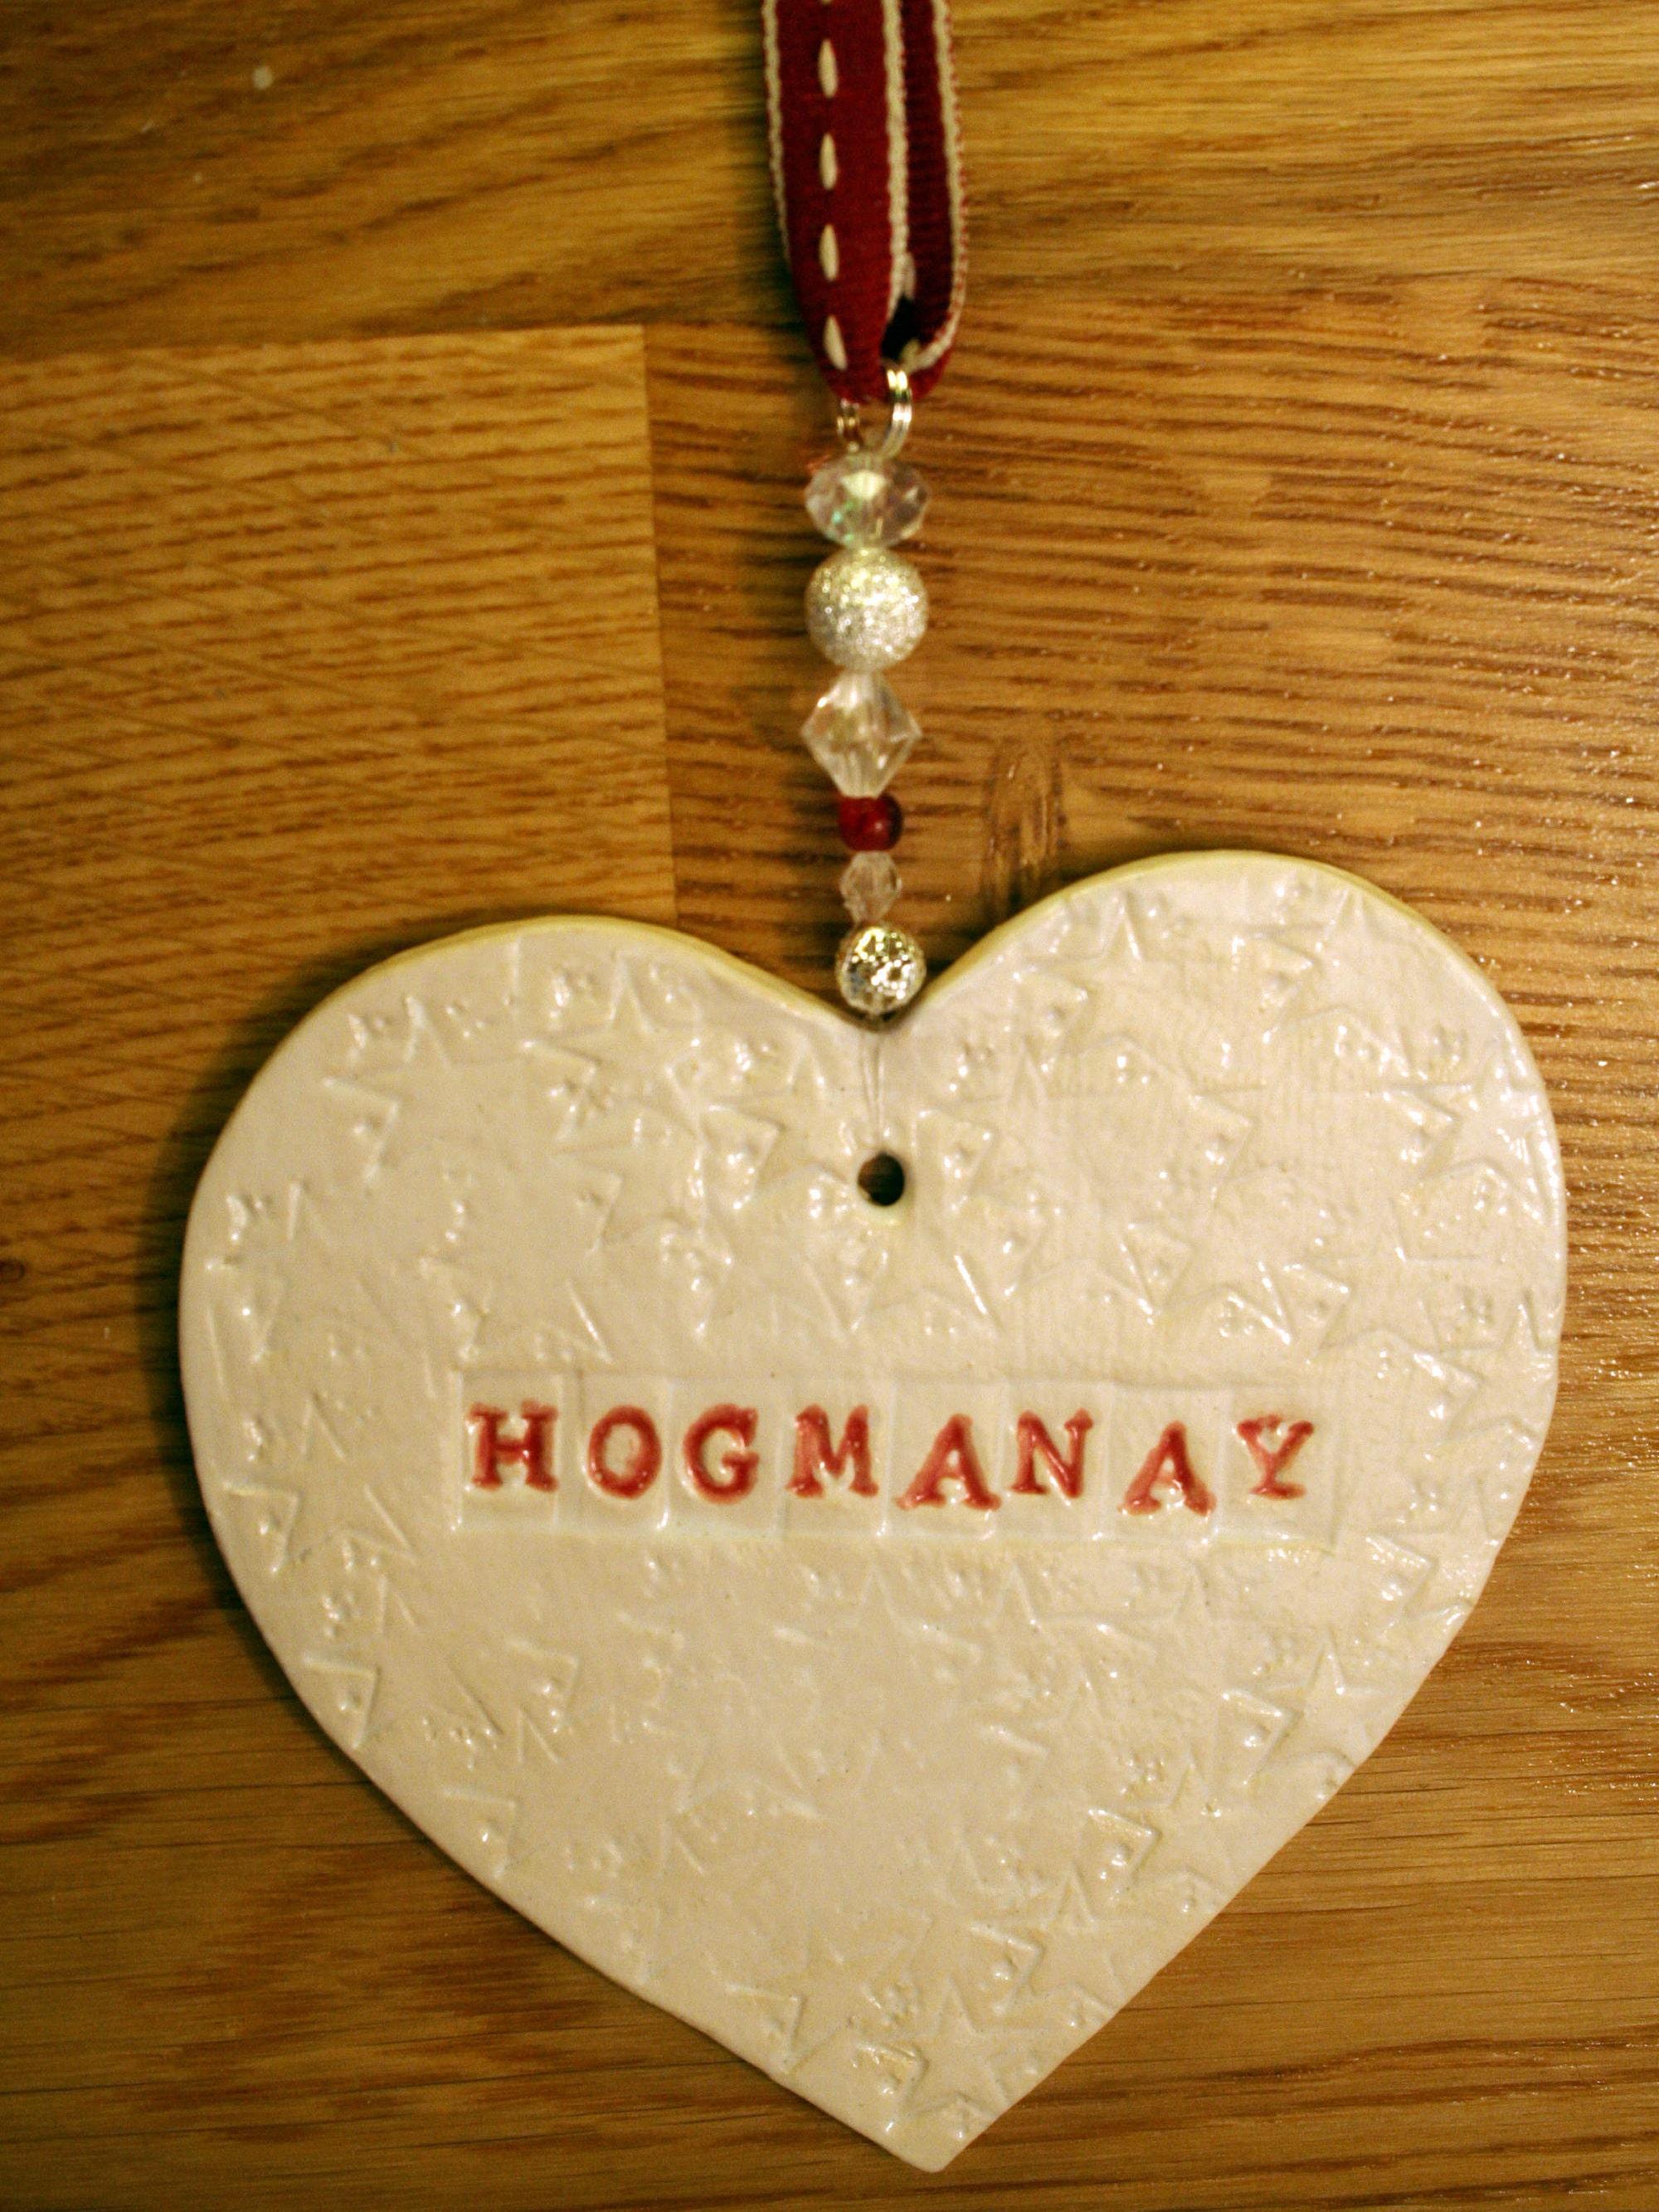 Hogmanay Pottery Hearts, Scottish New Year Hearts handmade in my ...